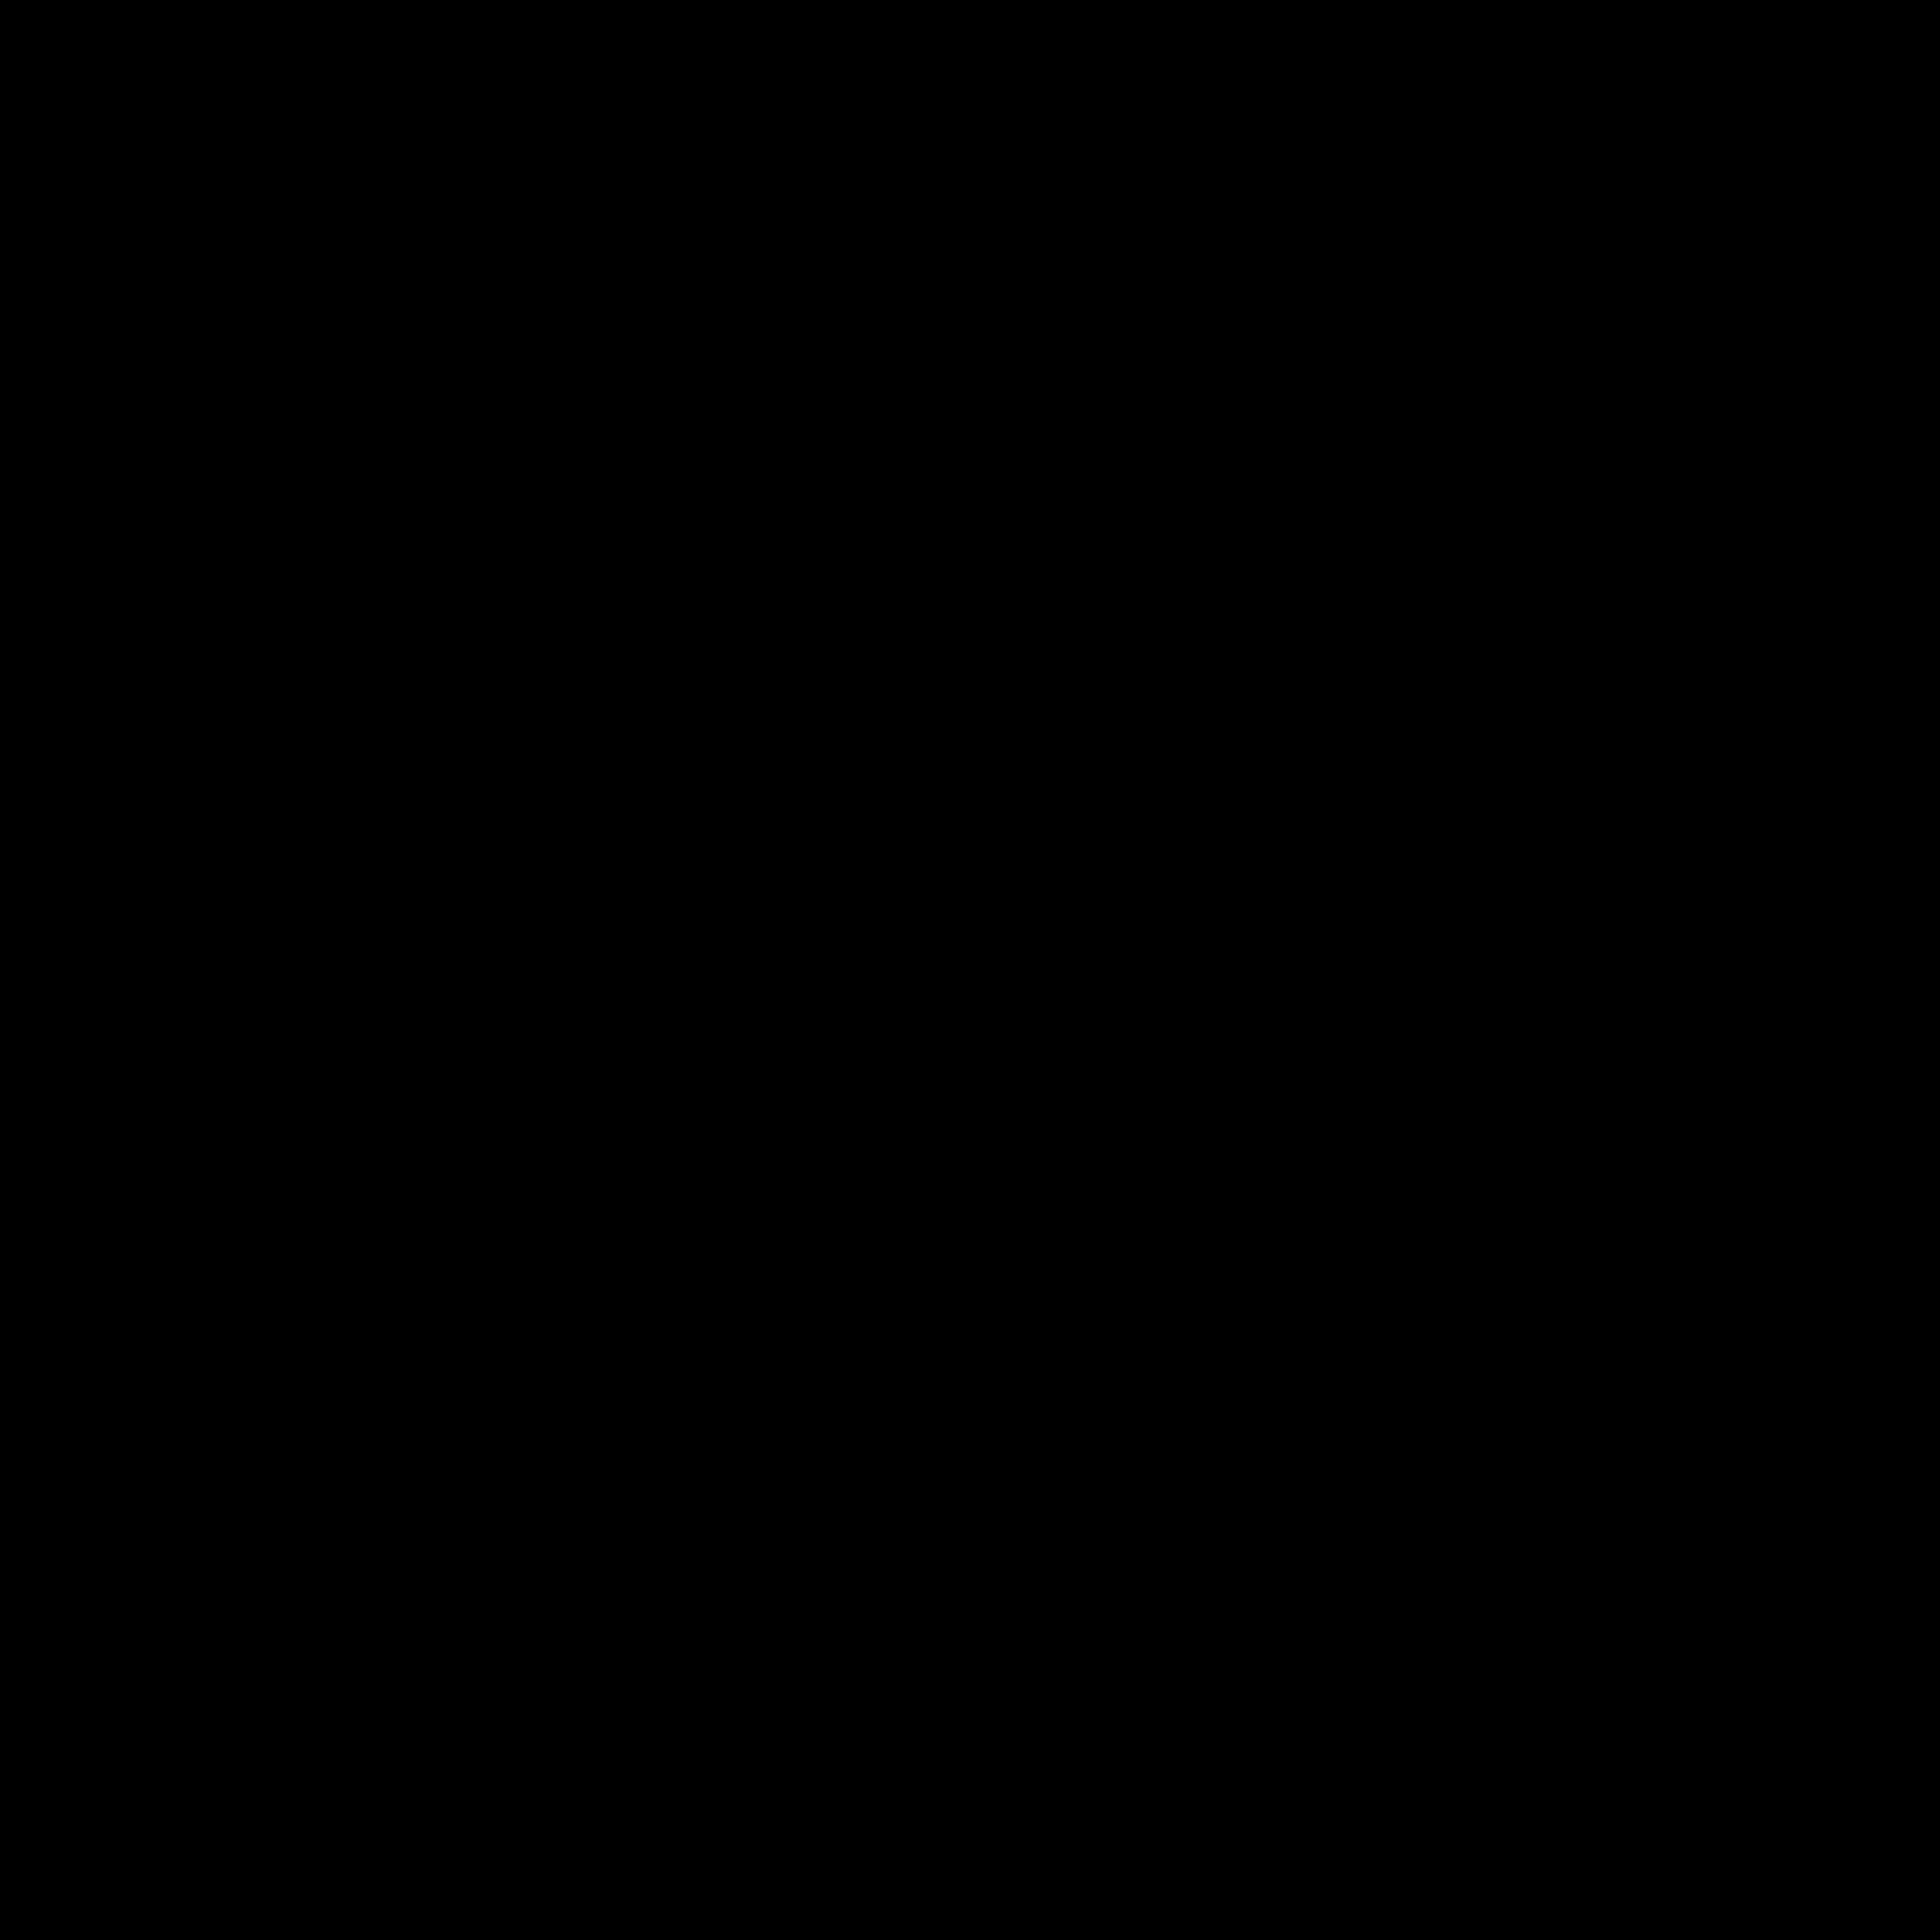 File black symbol wikimedia. Male clipart svg